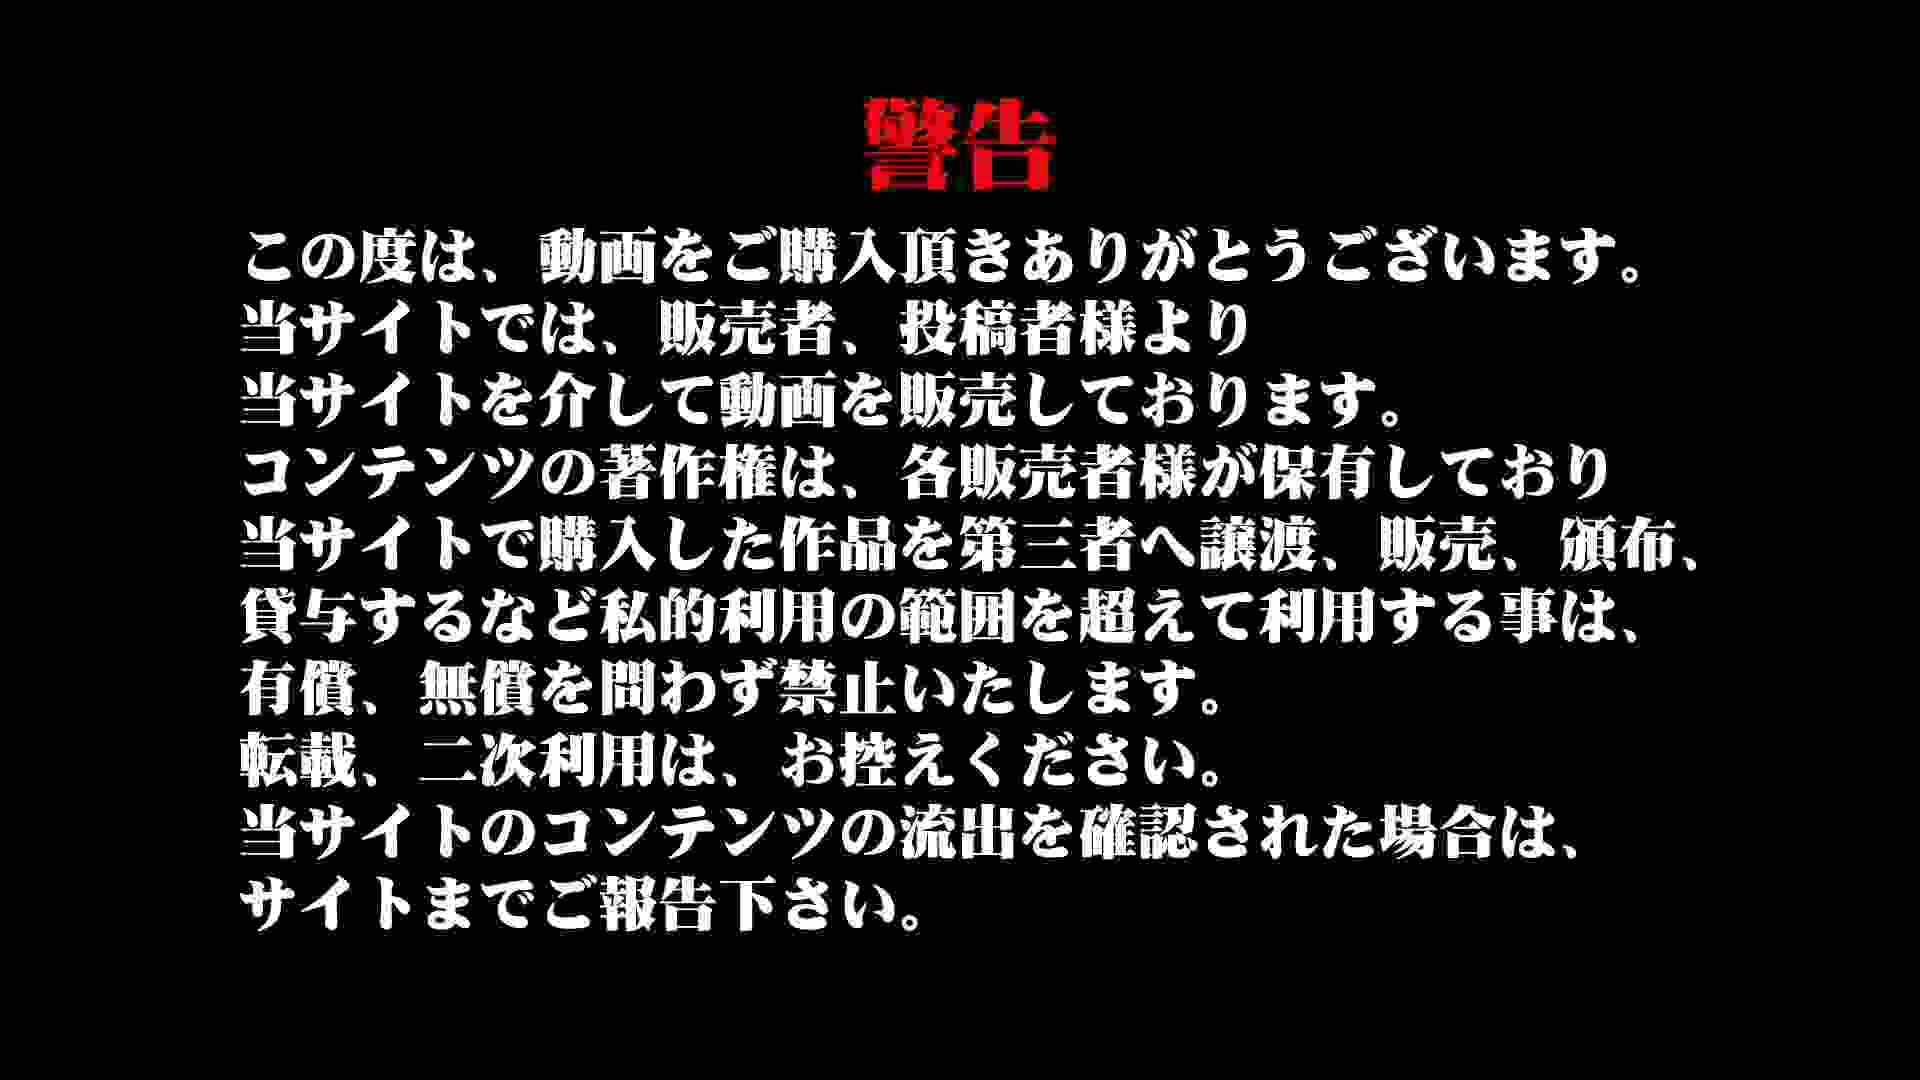 Aquaな露天風呂Vol.963 露天風呂 | 盗撮動画  11枚 1